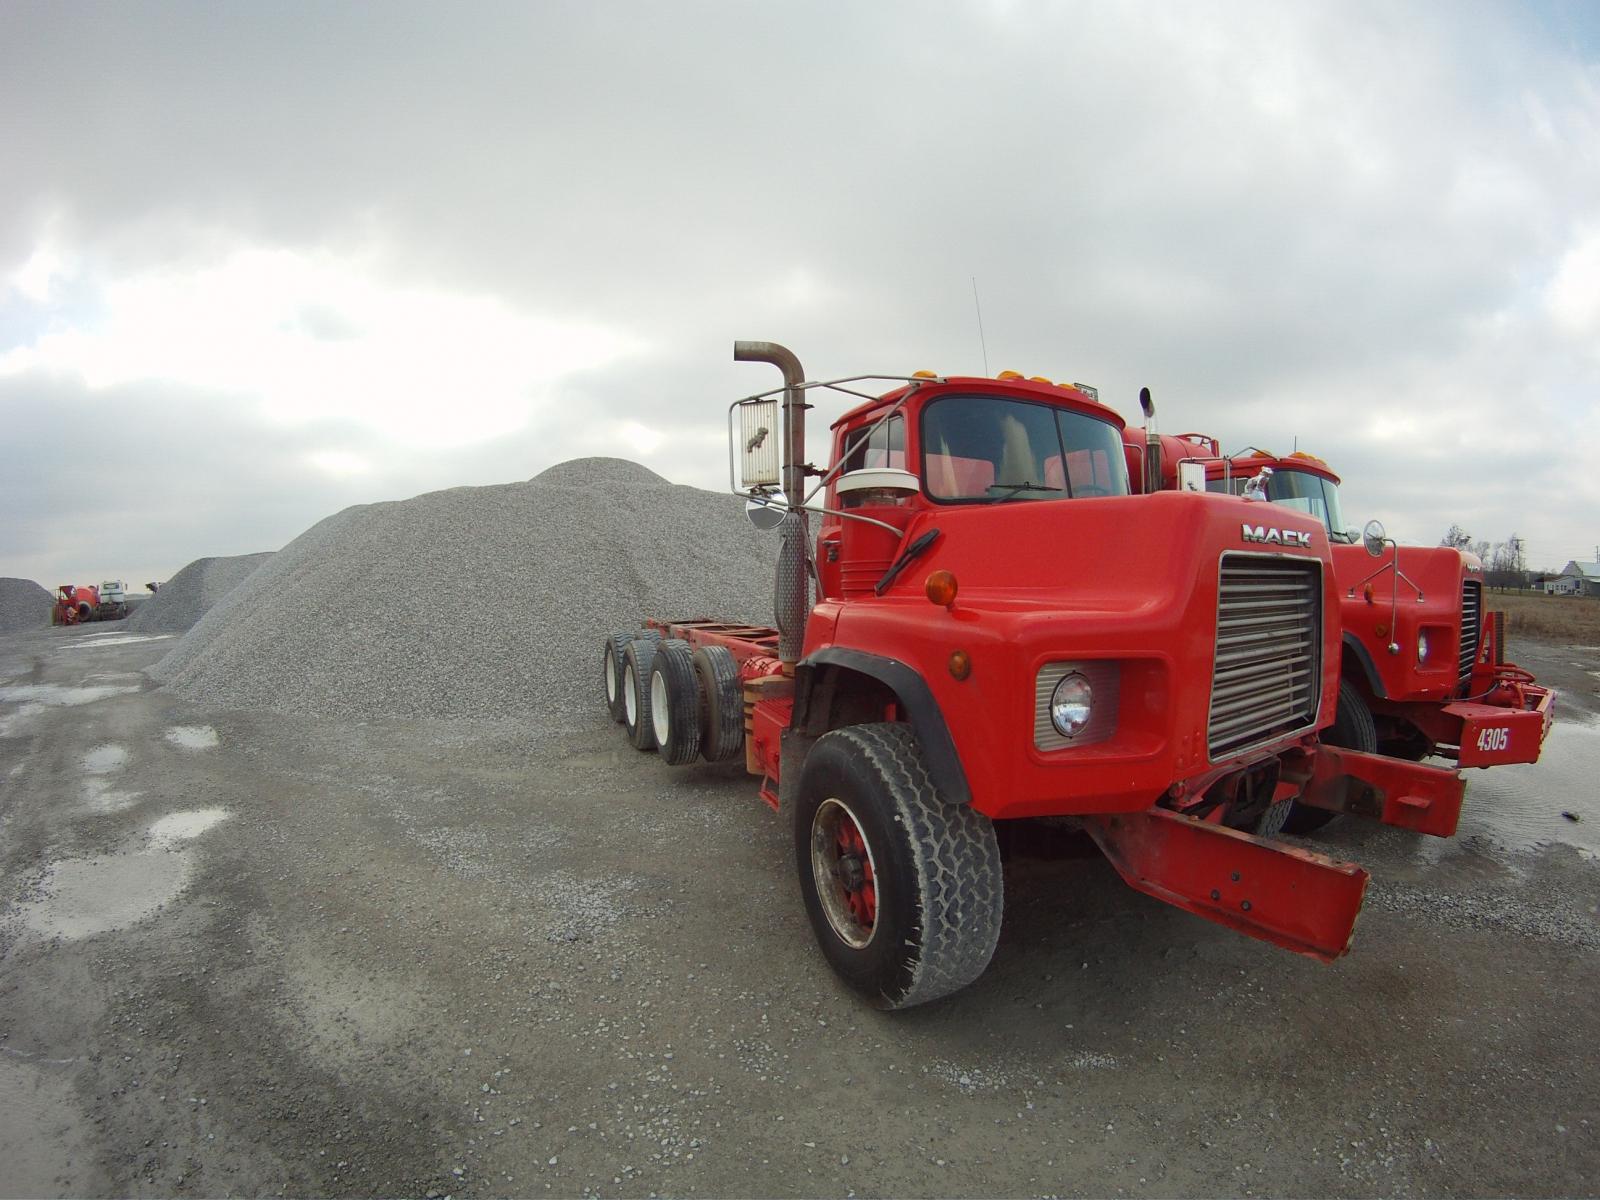 GOPR0359